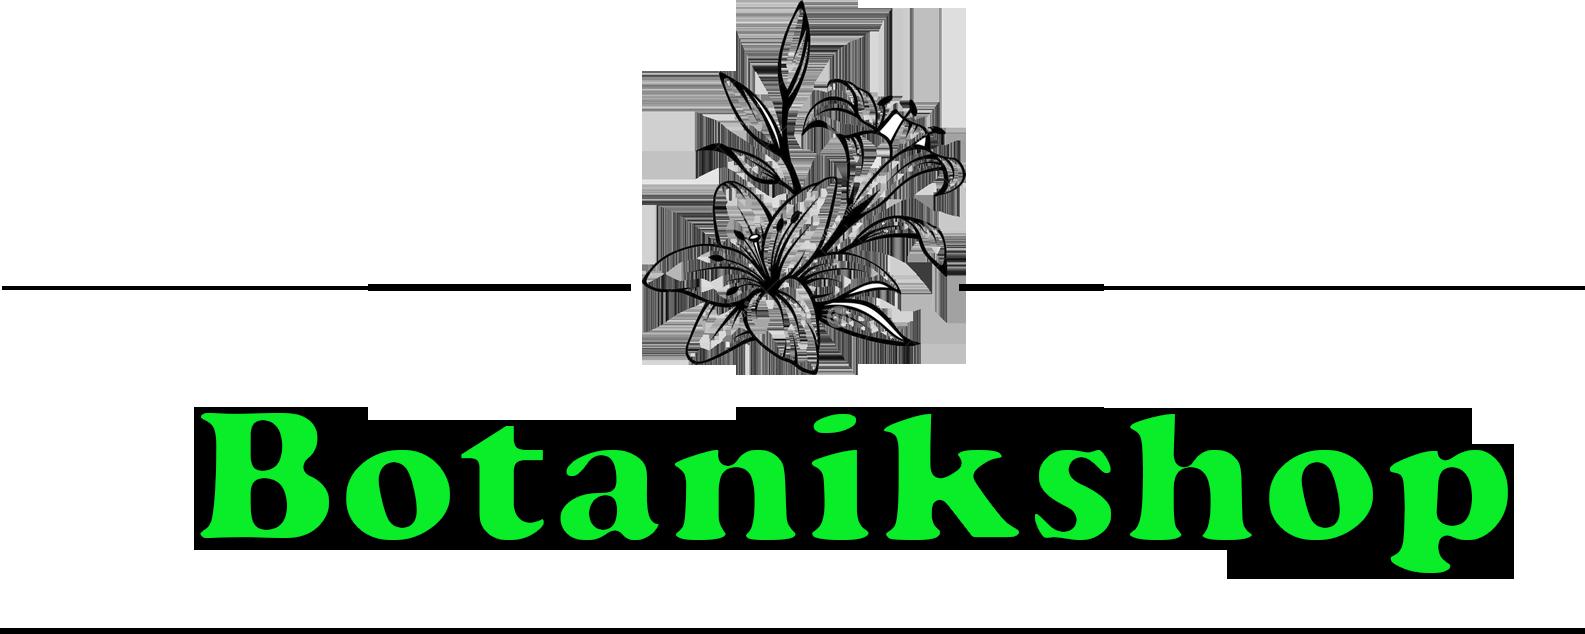 Луковицы тюльпанов оптом и срезанные тюльпаны оптом Смоленск – БотаникШоп